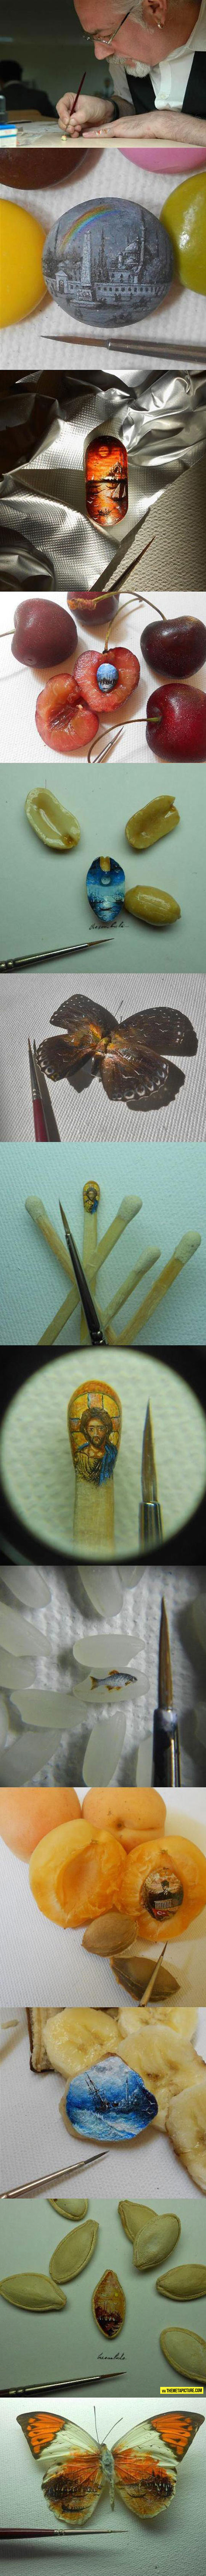 art-miniature-painter-artist-brush-butterfly